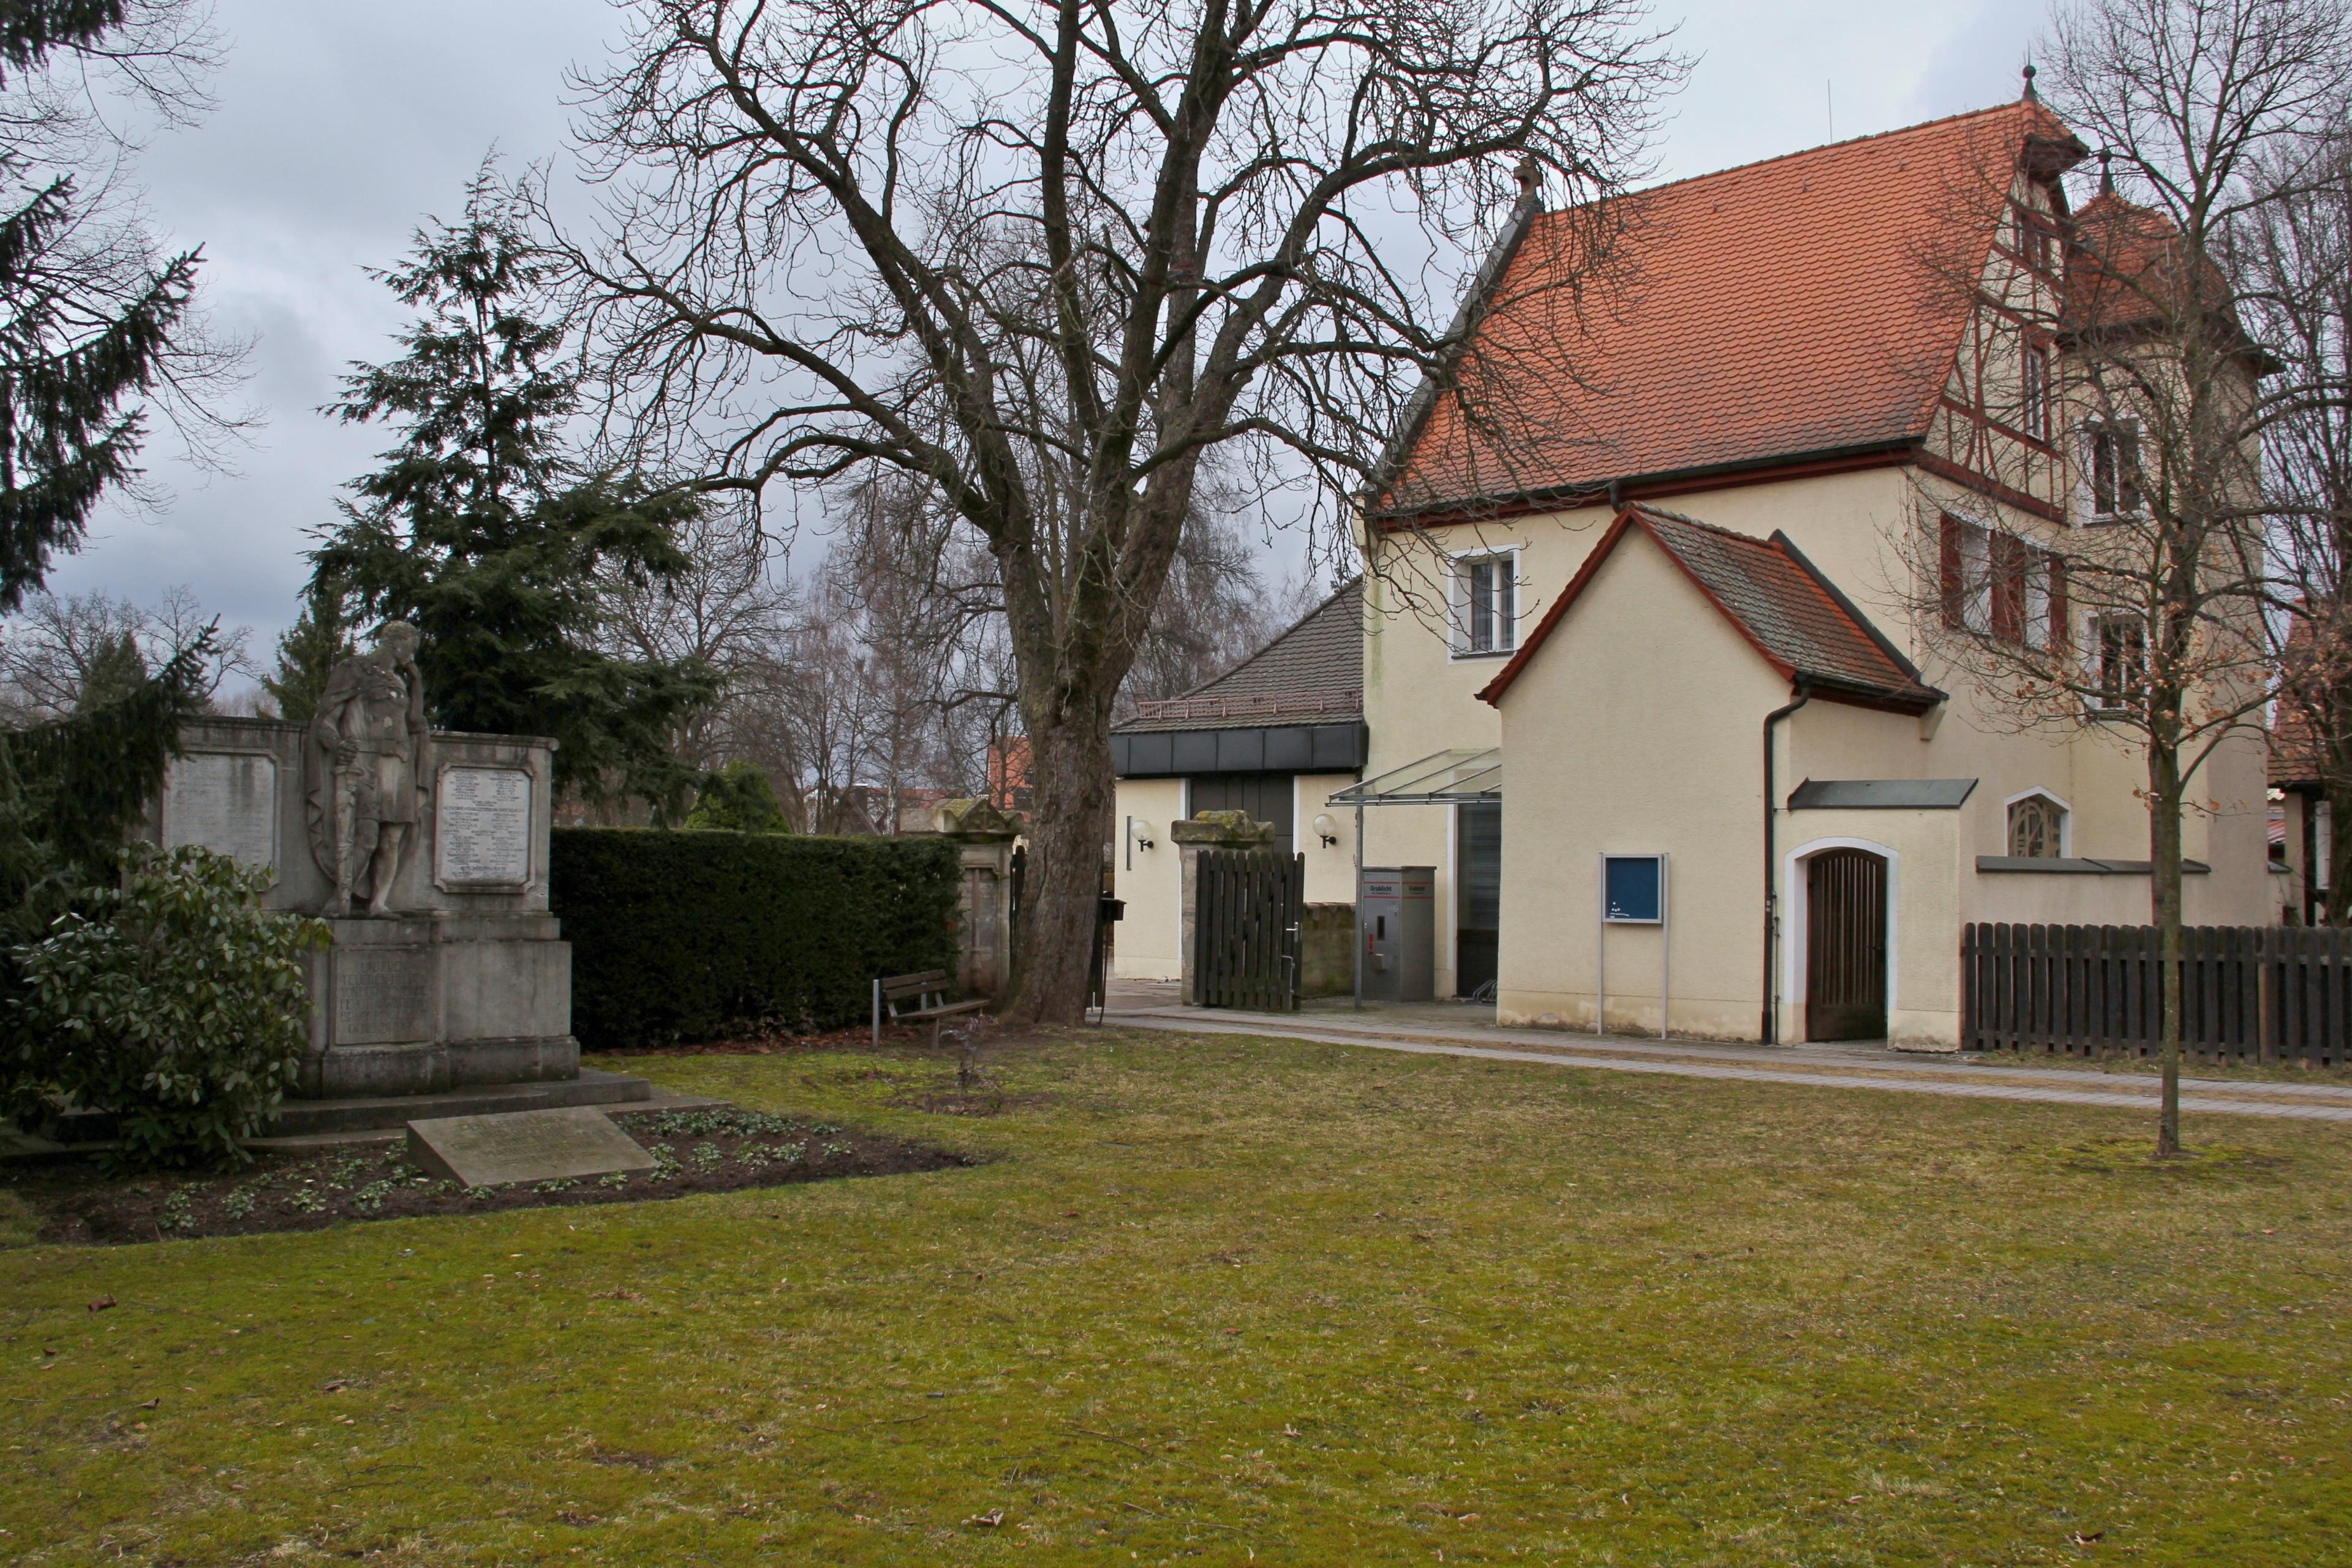 Feucht, Bavaria, Germany